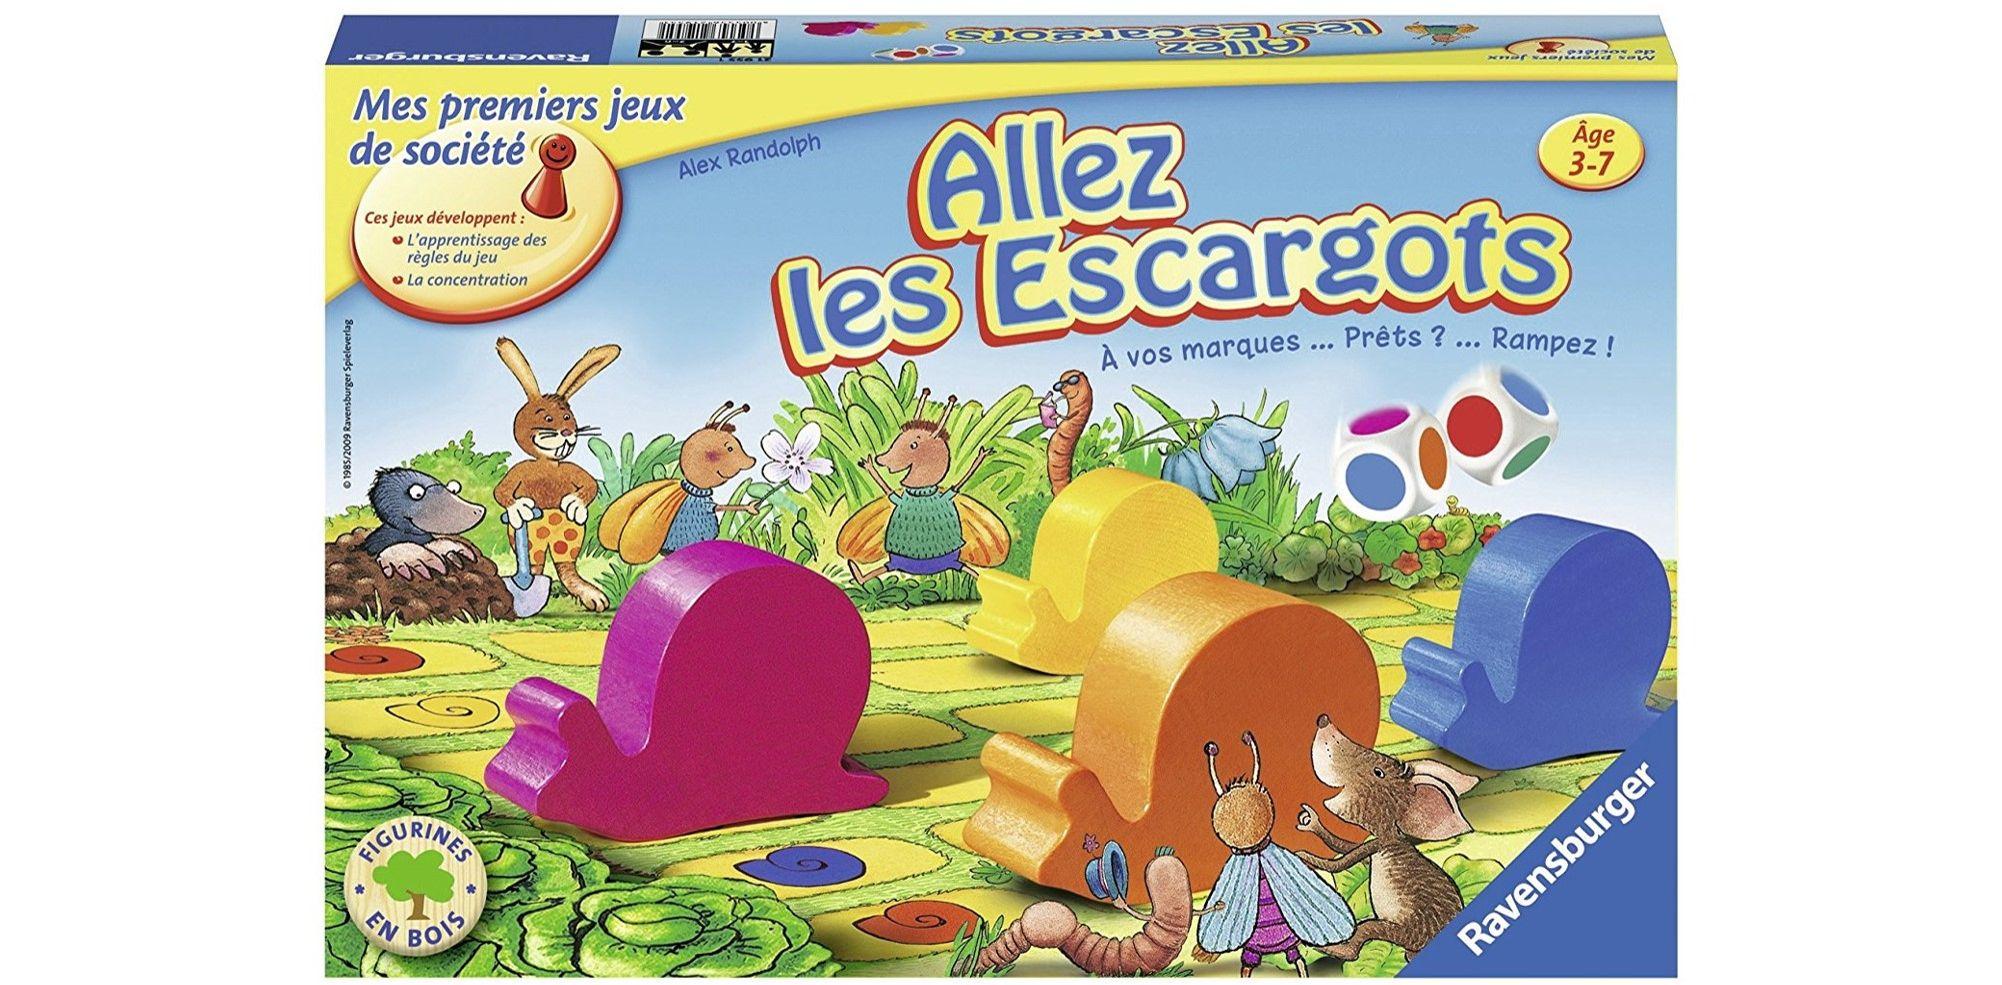 Jeux En Ligne Enfant 3 Ans - Primanyc dedans Jeux Pour Enfant De 3 Ans